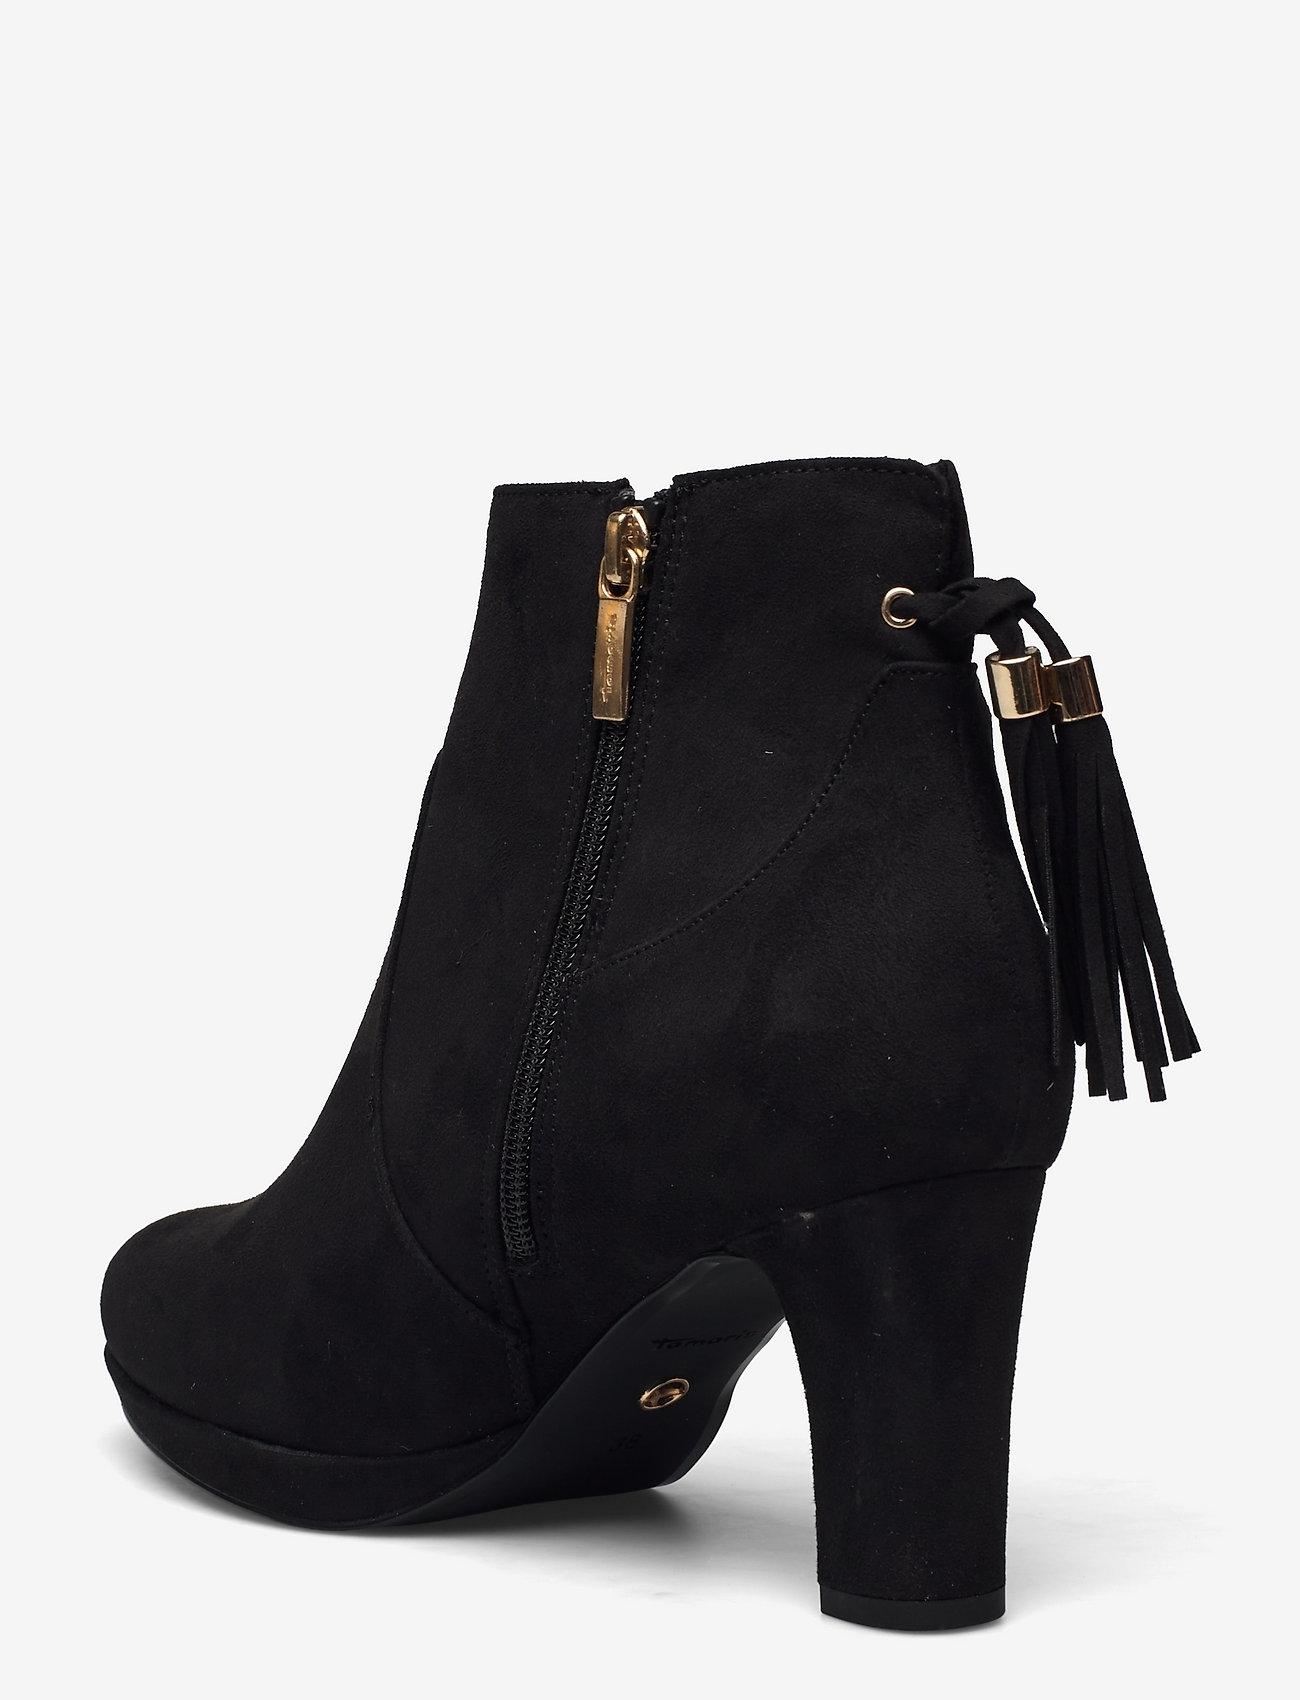 Tamaris - Woms Boots - Aviva - augstpapēžu puszābaki - black - 1